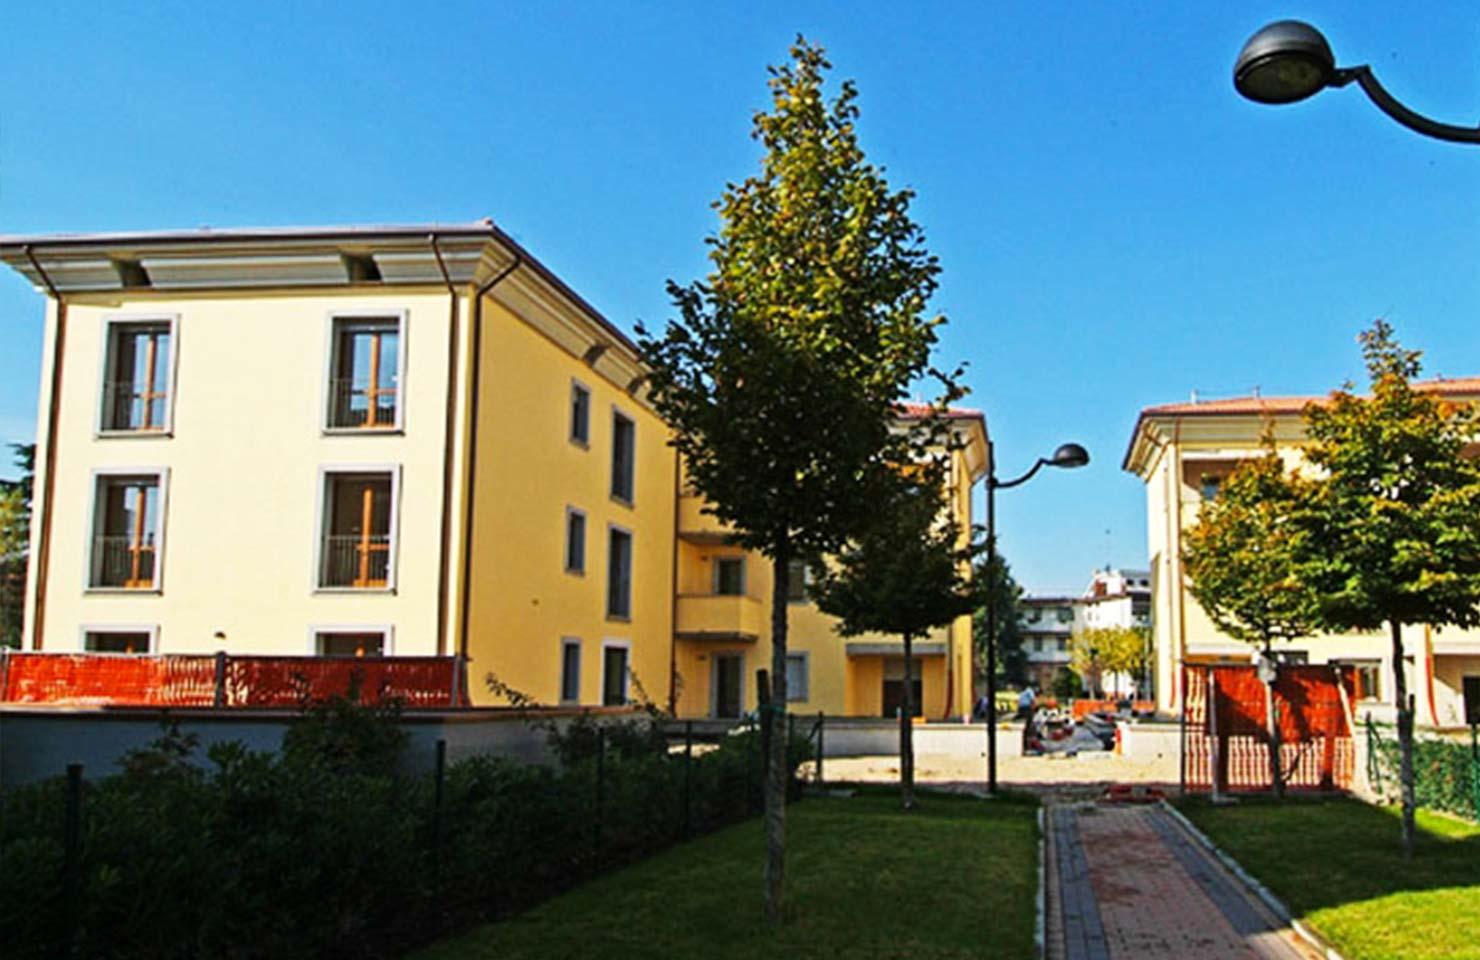 Residenze a Ozzano (BO)